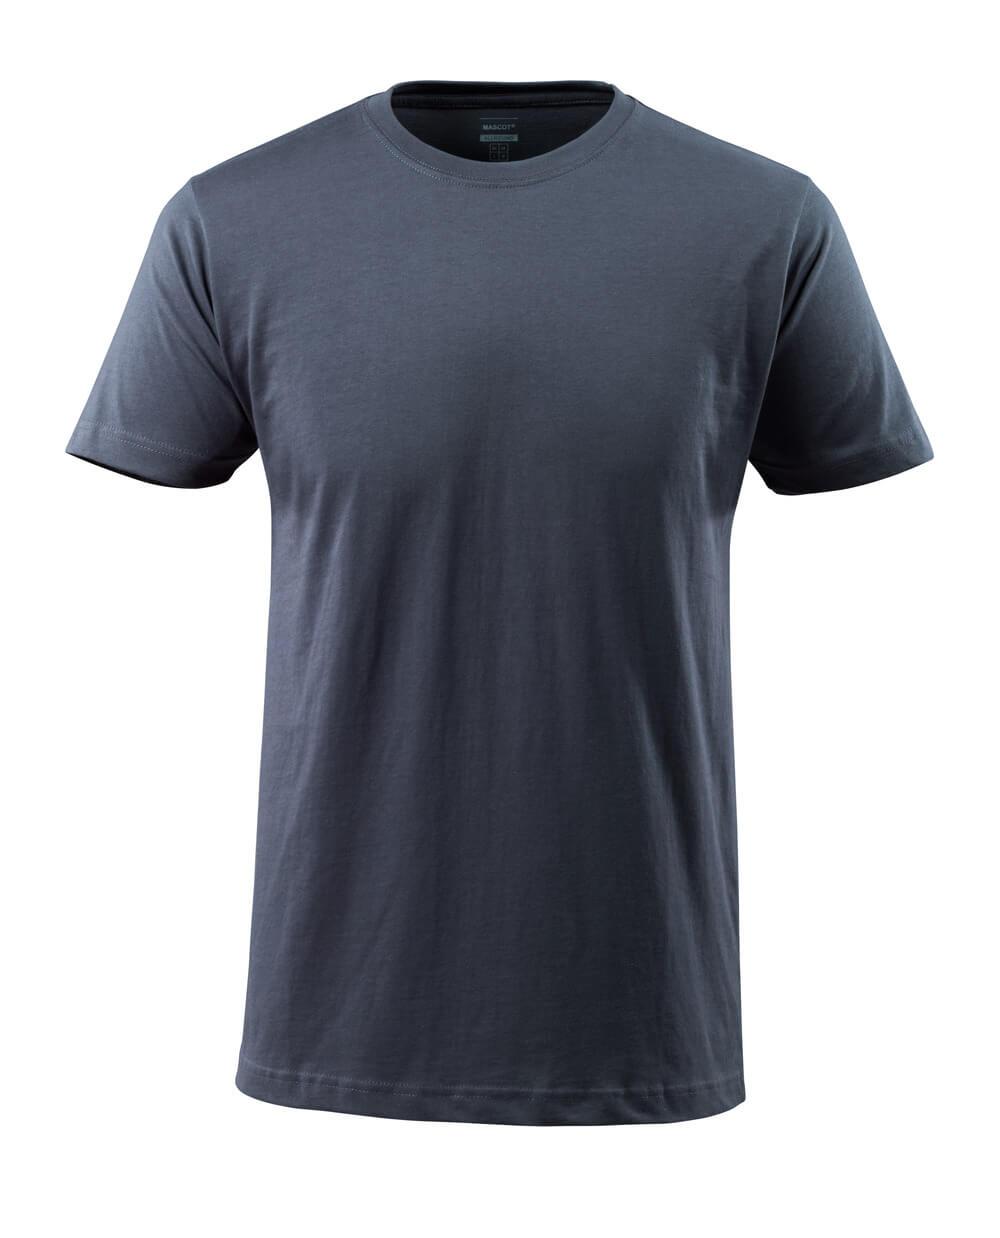 50662-965-010 T-shirt - donkermarine